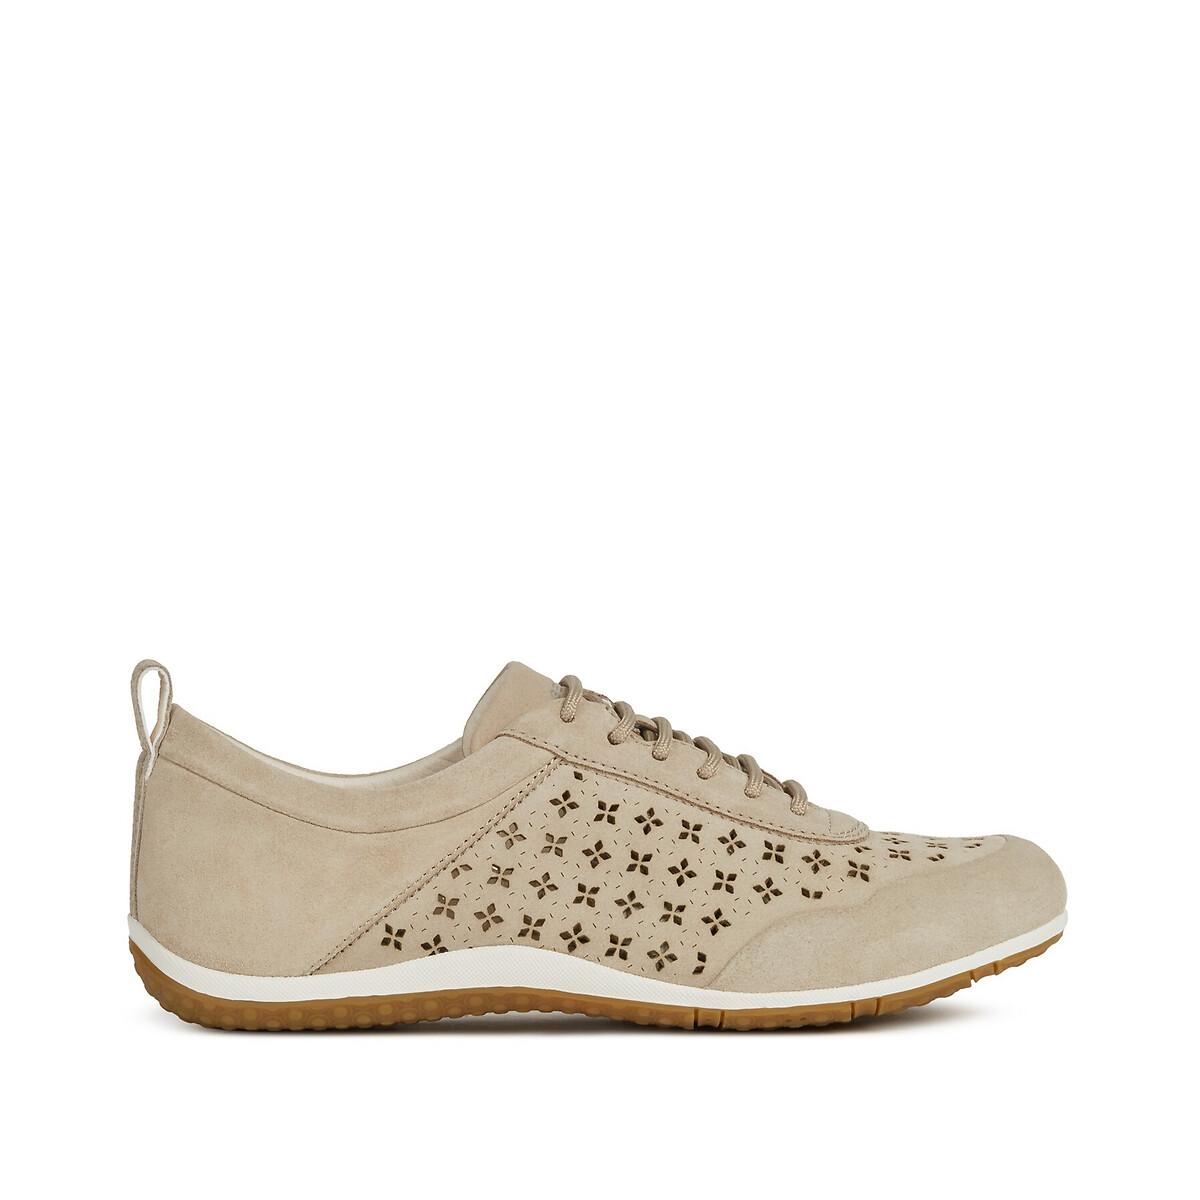 Zapatillas de piel Vega